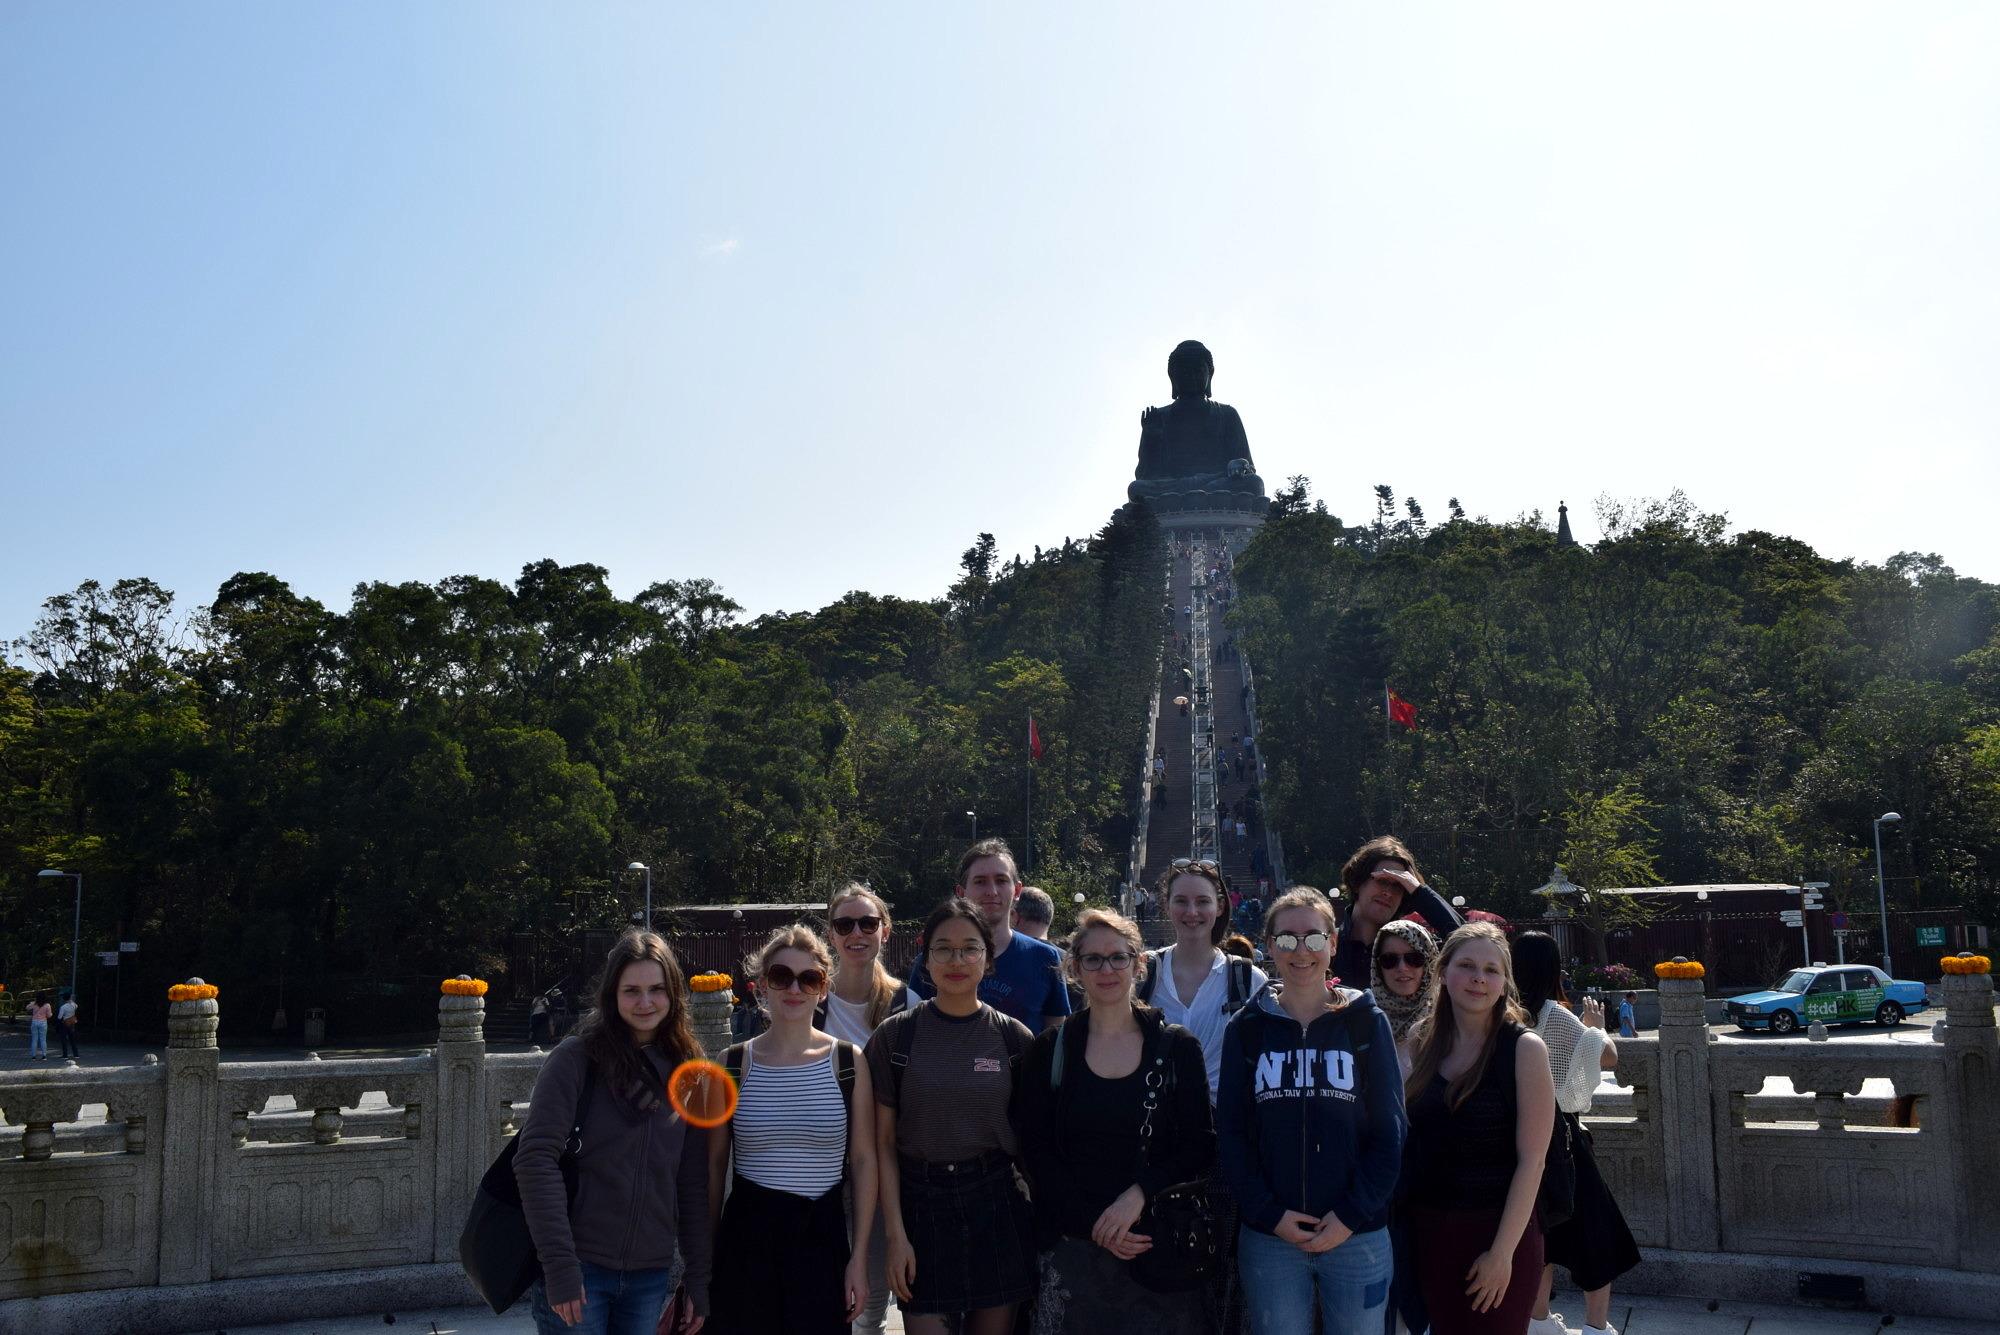 Gruppenfoto der ExkursionsteilnehmerInnen vor dem Tai Tan Buddha in der Nähe von Hongkong während der China-Exkursion 2019.